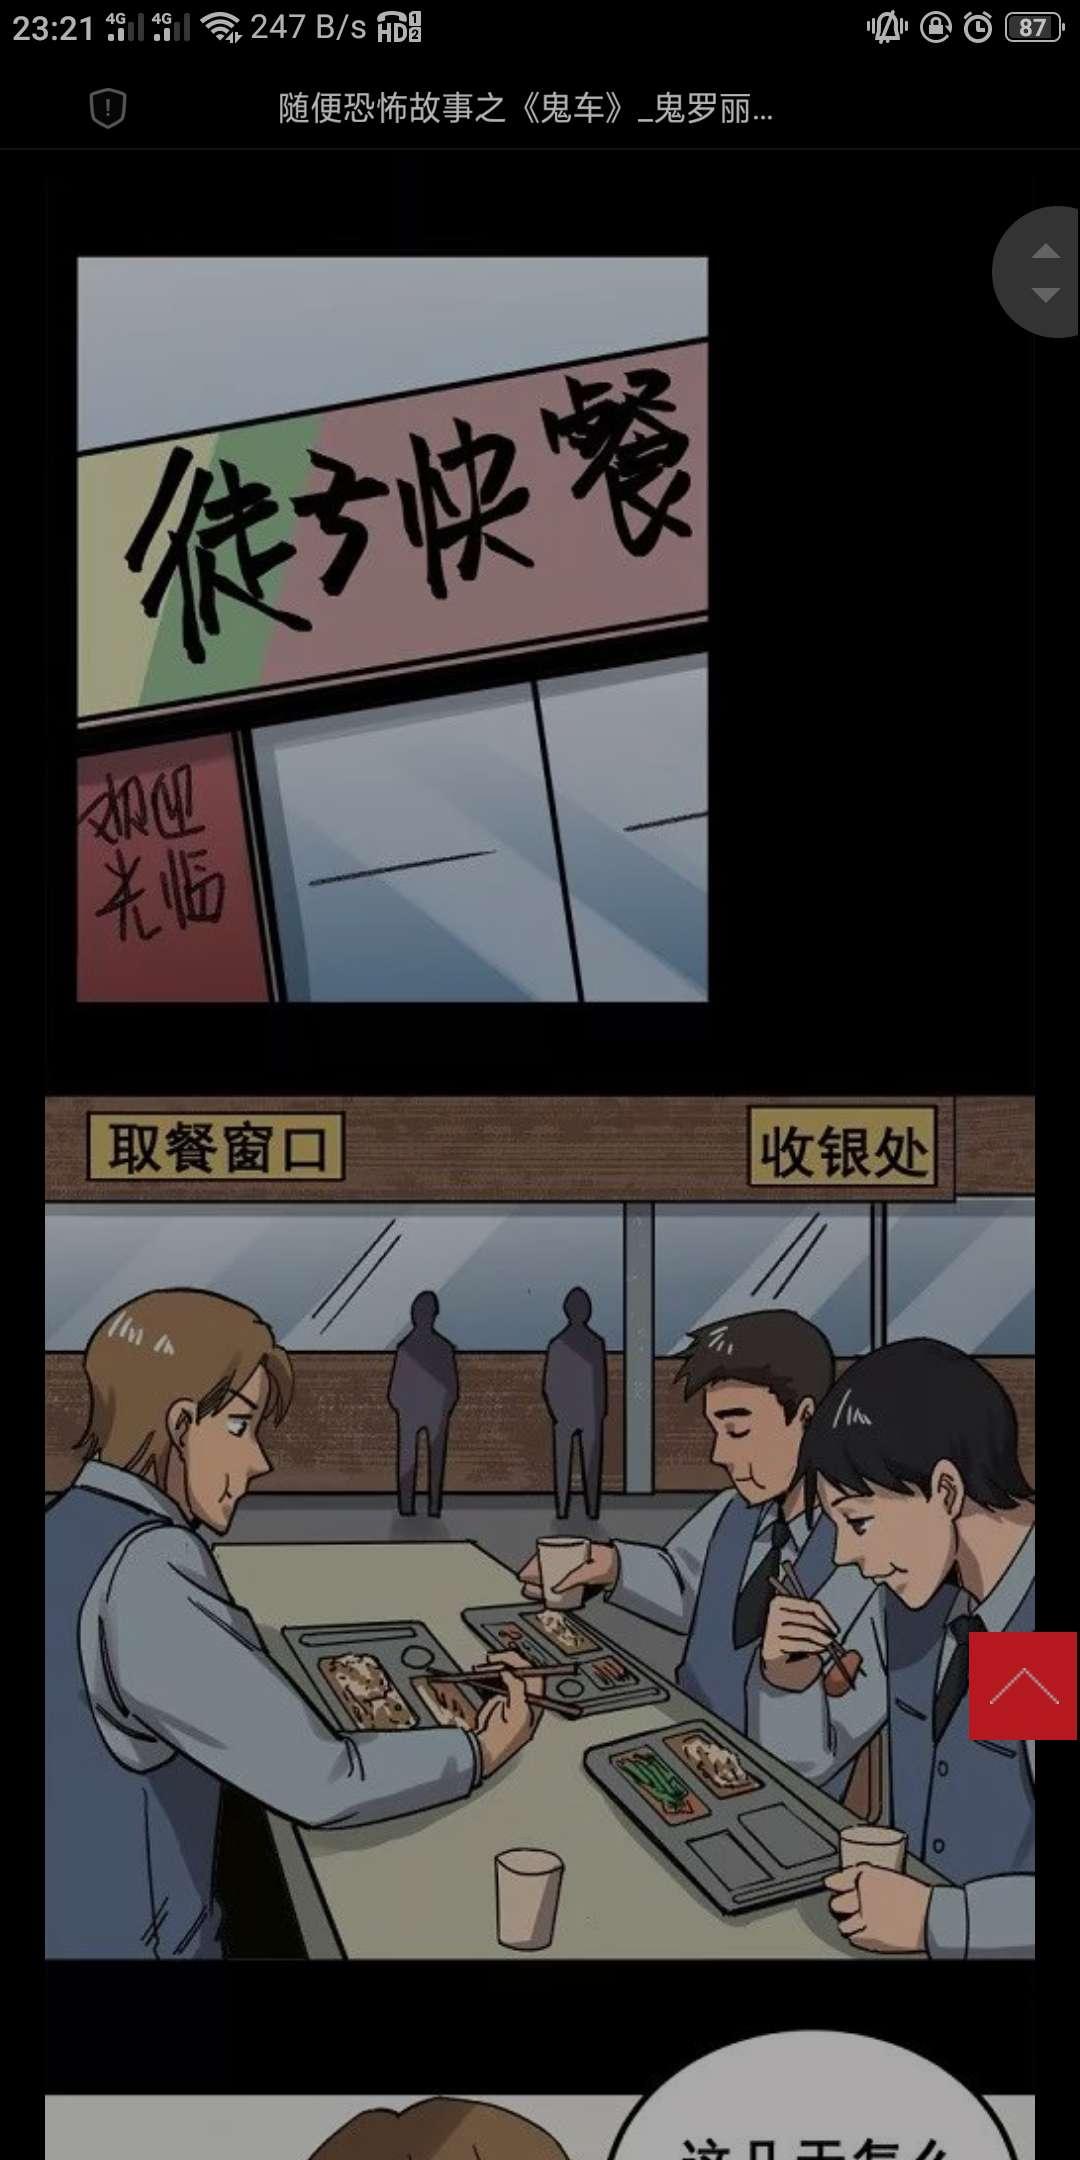 【漫画更新】恐怖杂集录之《鬼车》-小柚妹站